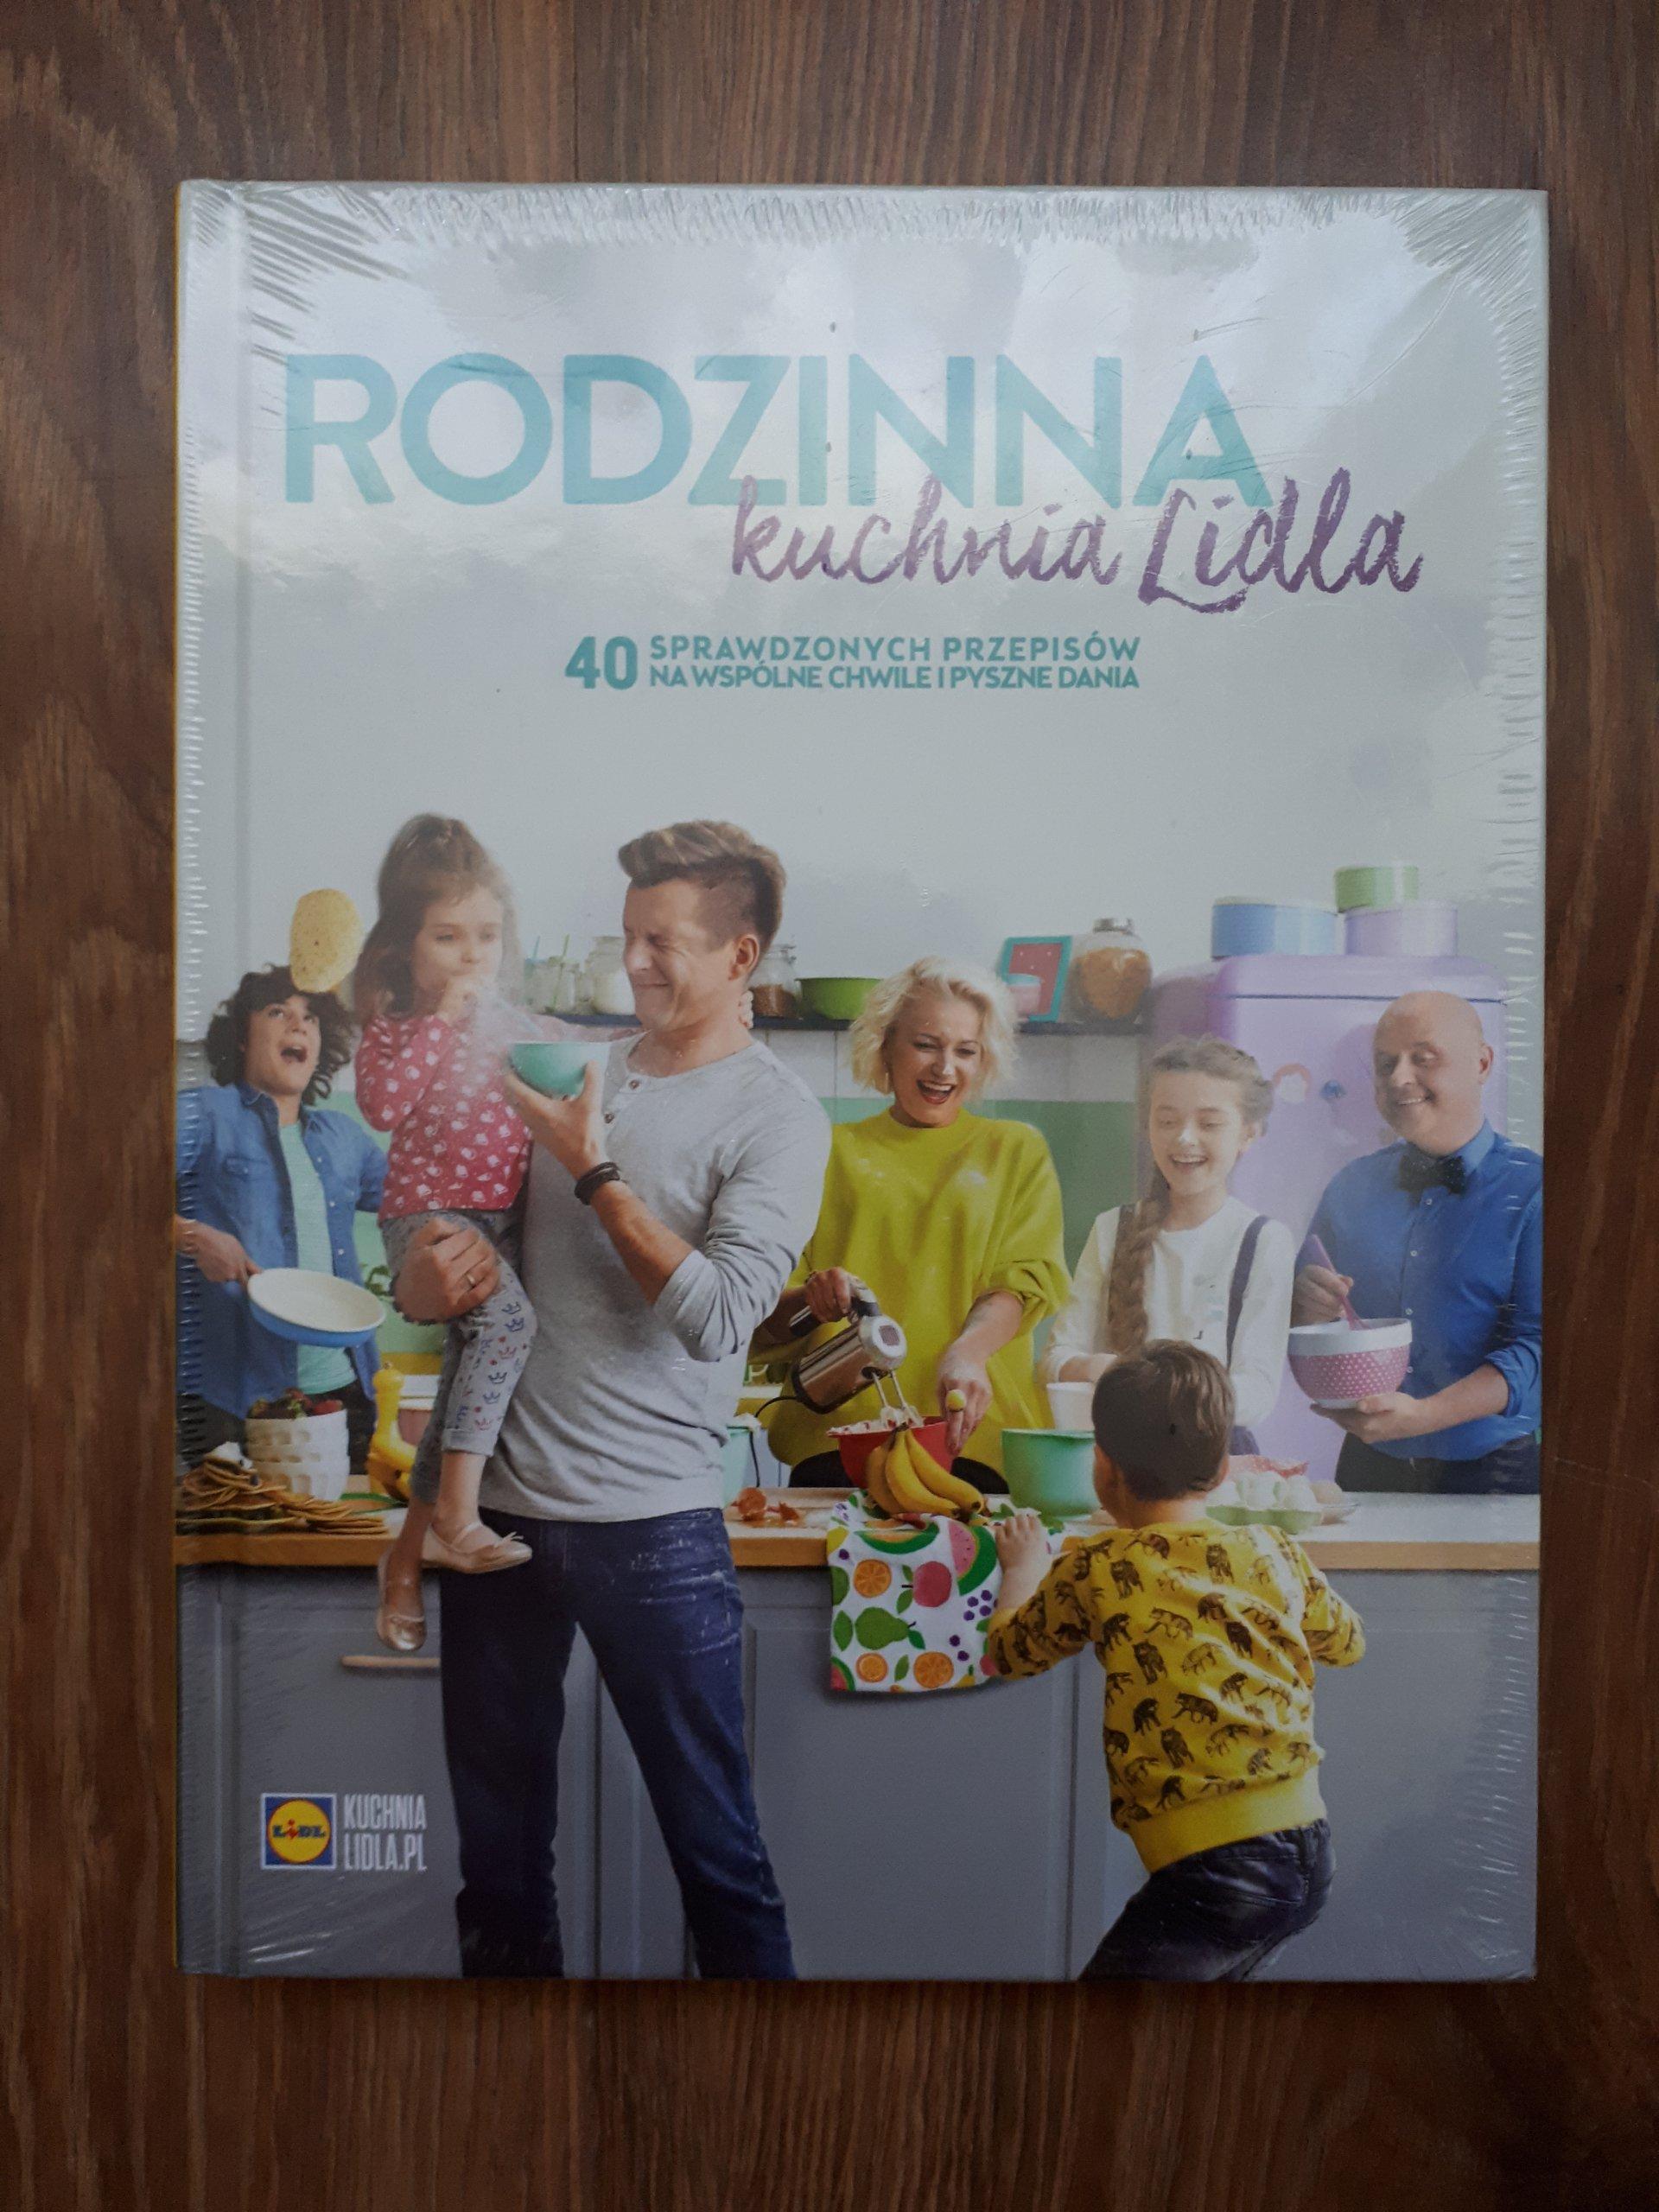 Rodzinna Kuchnia Lidla Ksiazka Lidl Przepisy Nowa 7379889812